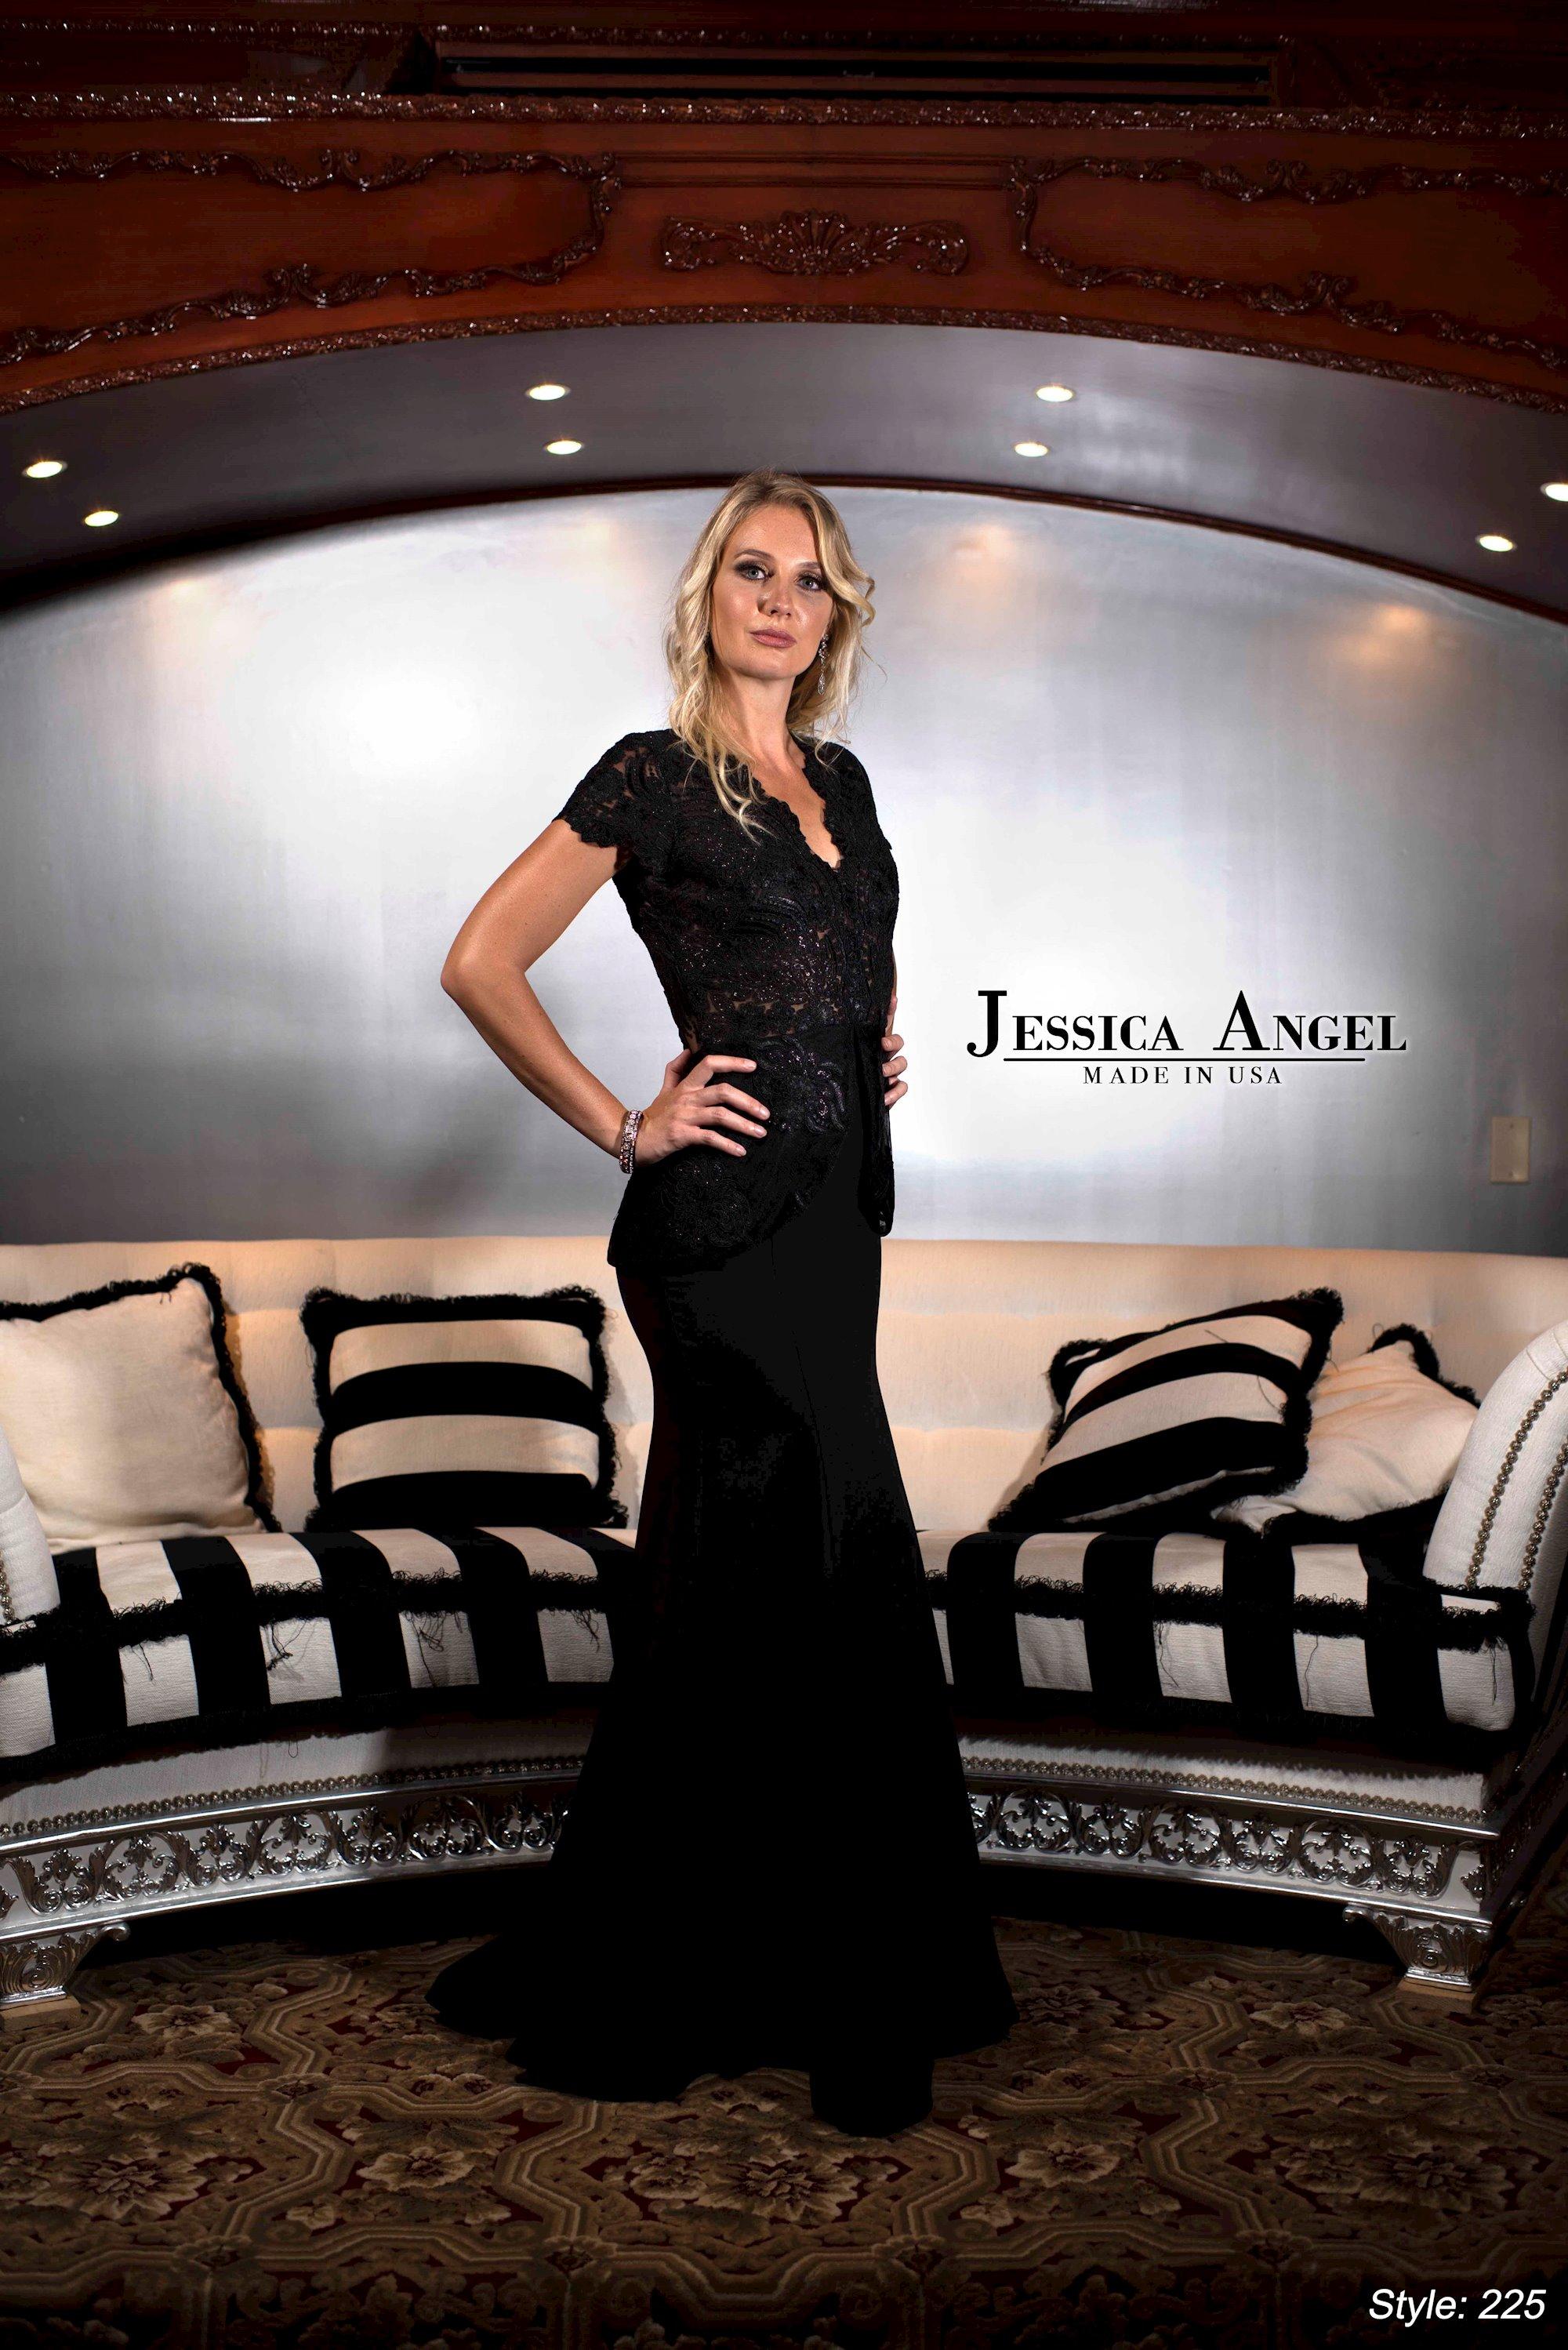 e1afb1a810 Jessica Angel - 225